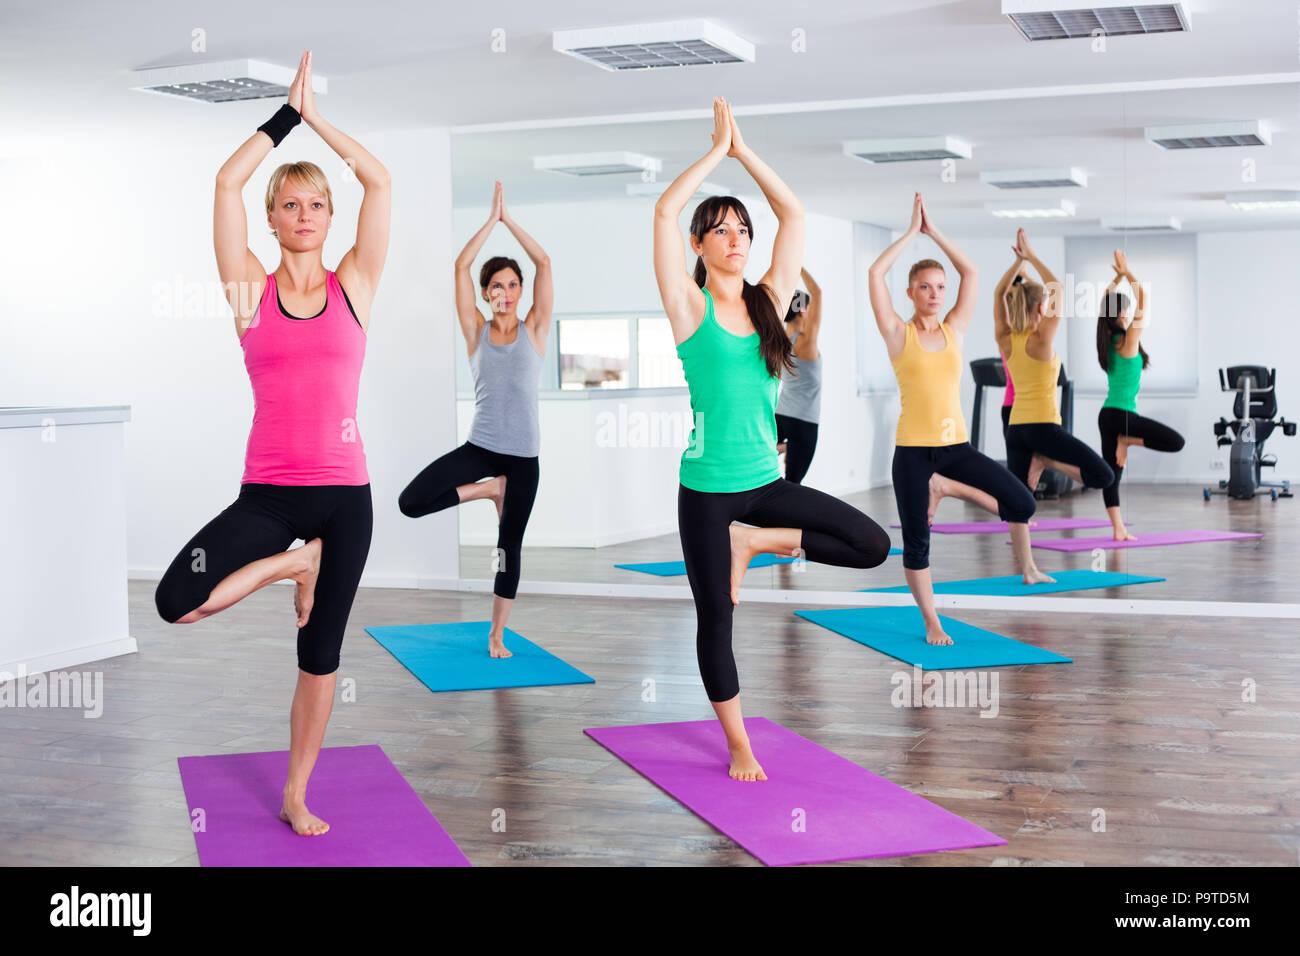 Four girls practicing yoga, Vrikshasana / Tree pose - Stock Image